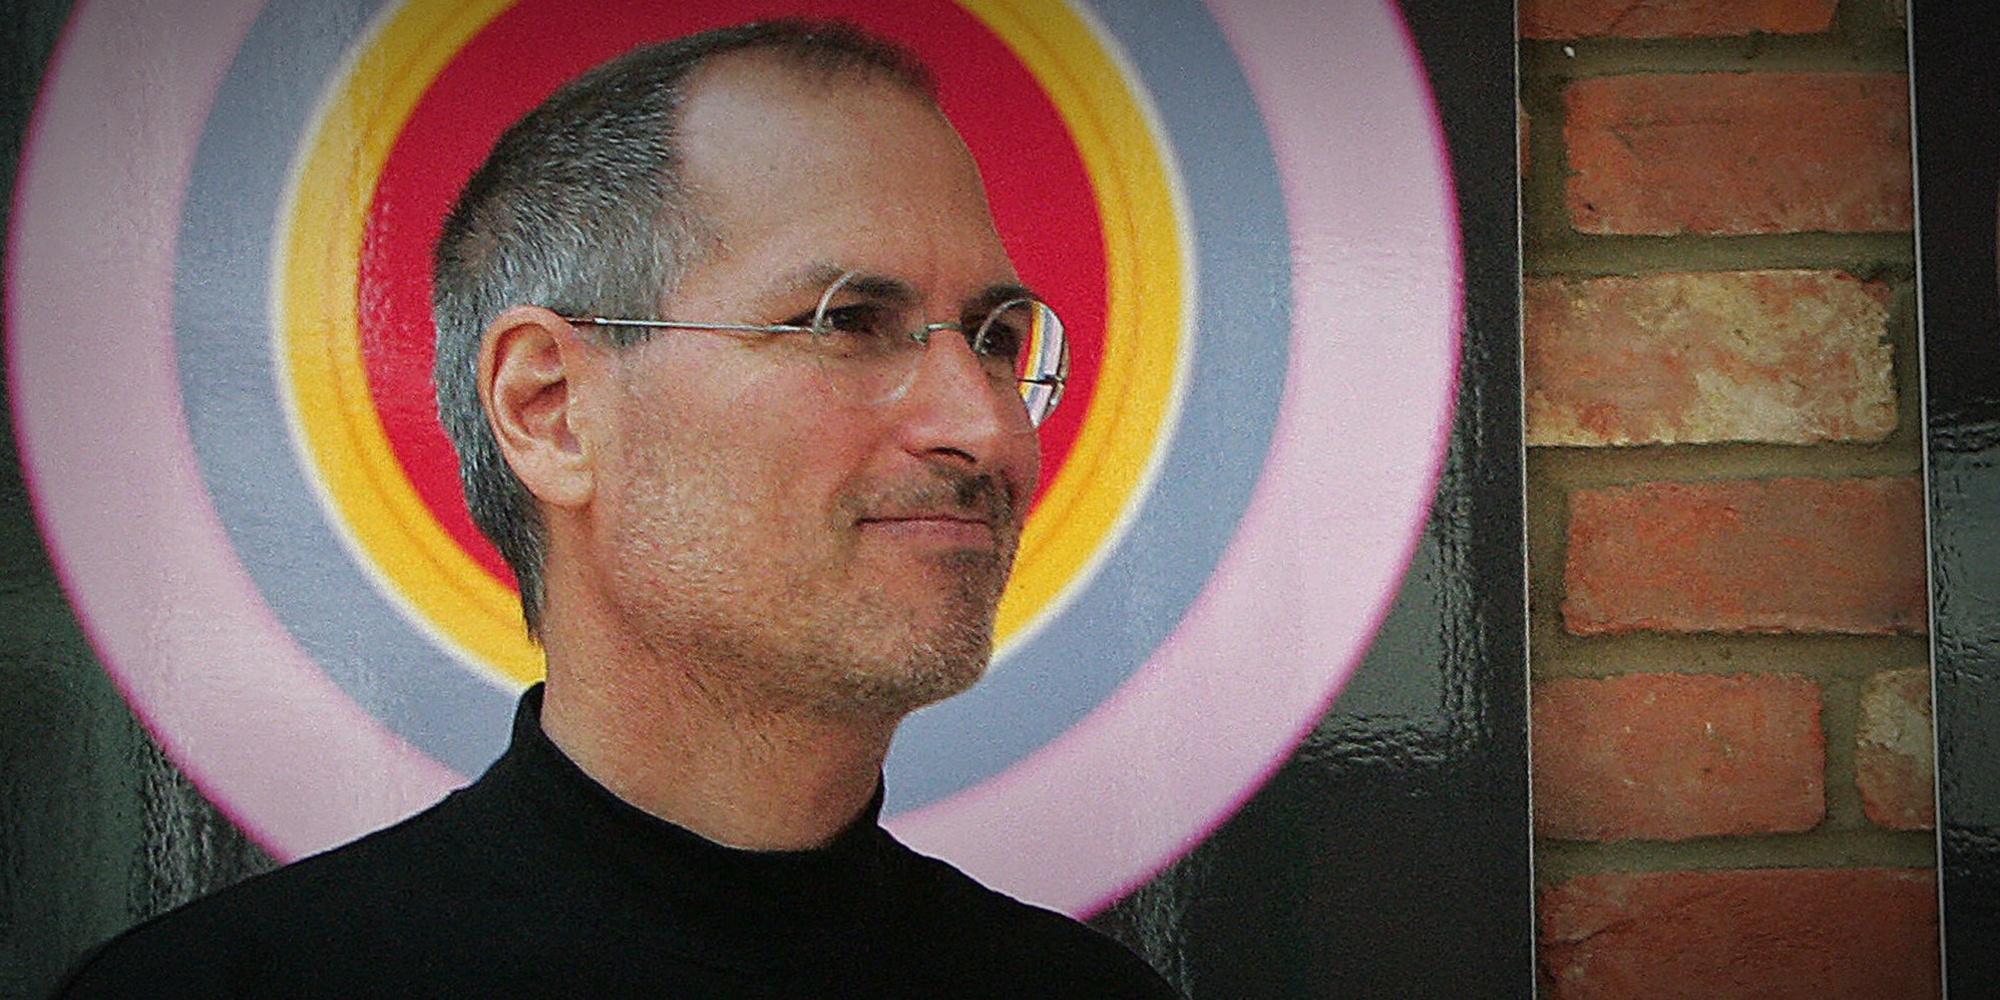 Добро пожаловать в подпольный бар Стива Джобса в штаб-квартире Pixar